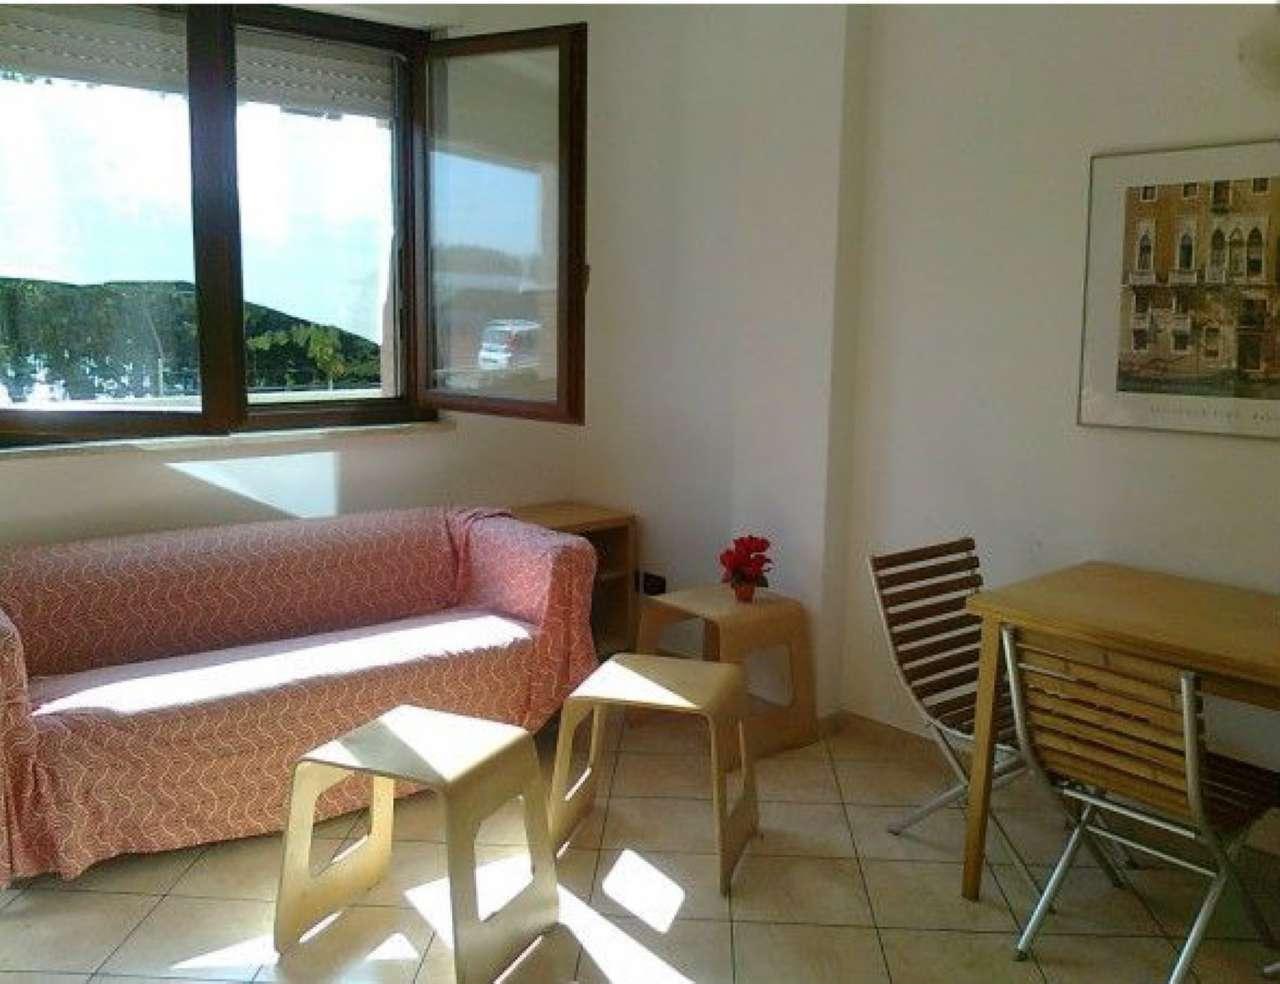 Appartamento in affitto a Ciampino, 3 locali, prezzo € 700 | CambioCasa.it